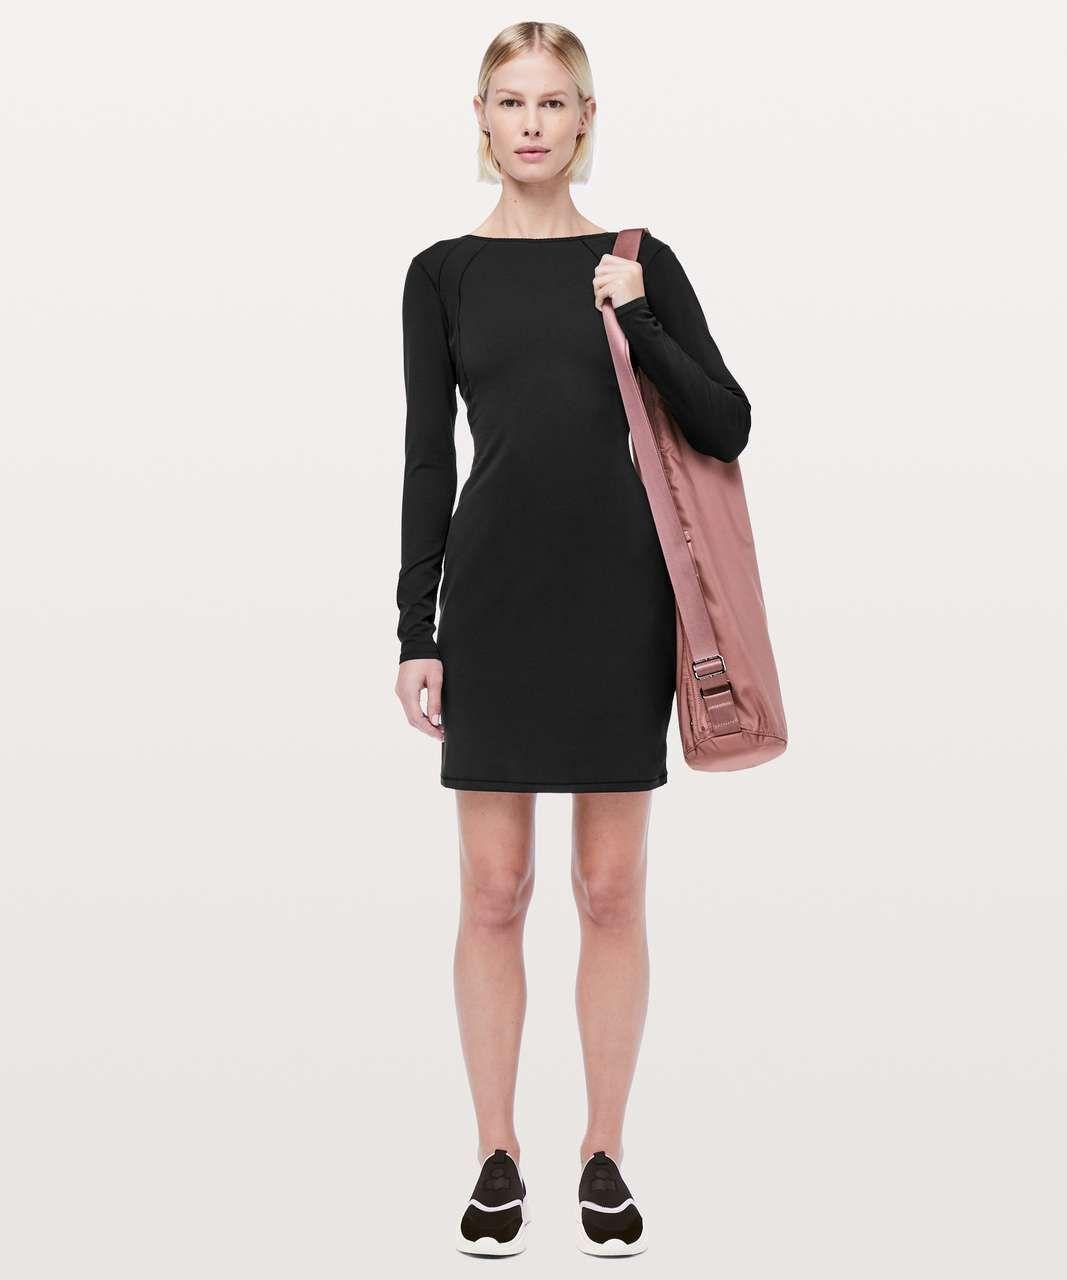 397a294c8e Lululemon Contour Dress *Nulu - Black in 2019 | Lululemon | Dresses ...